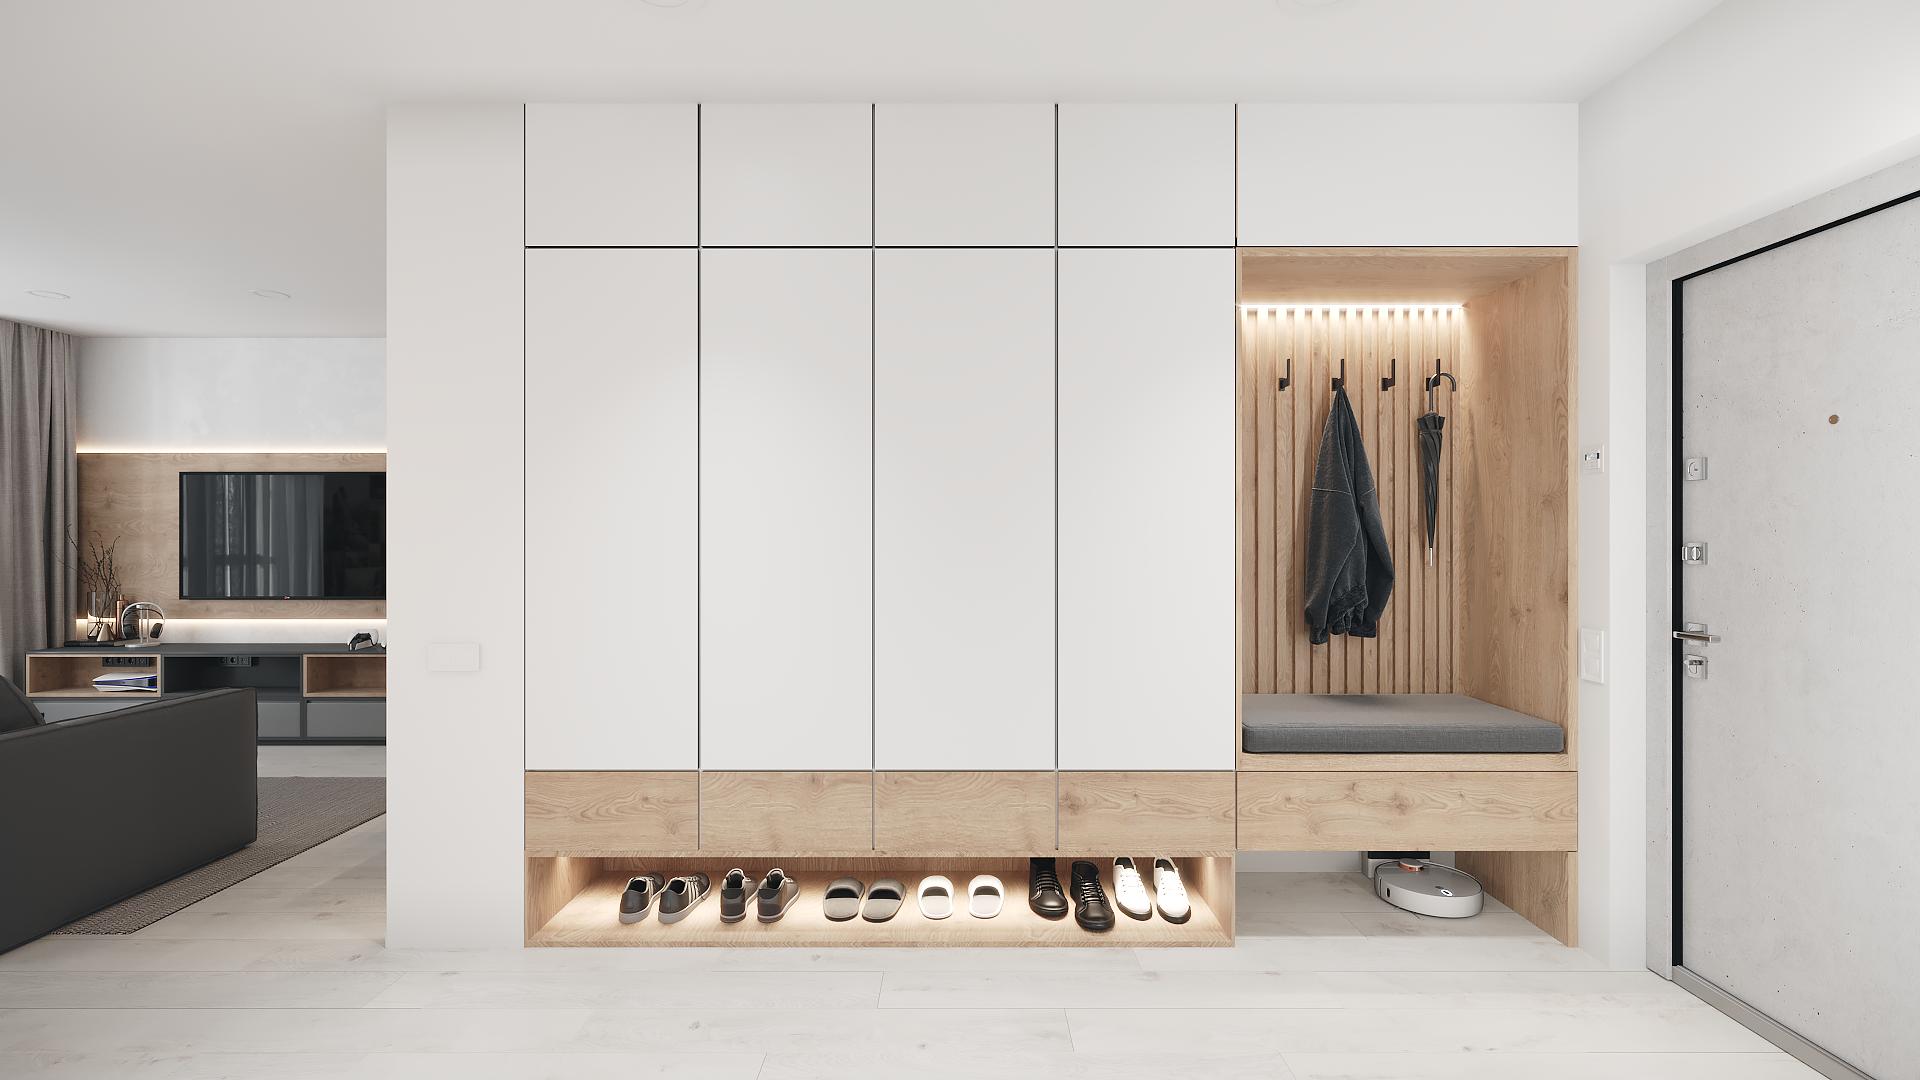 Сучасний дизайн квартири